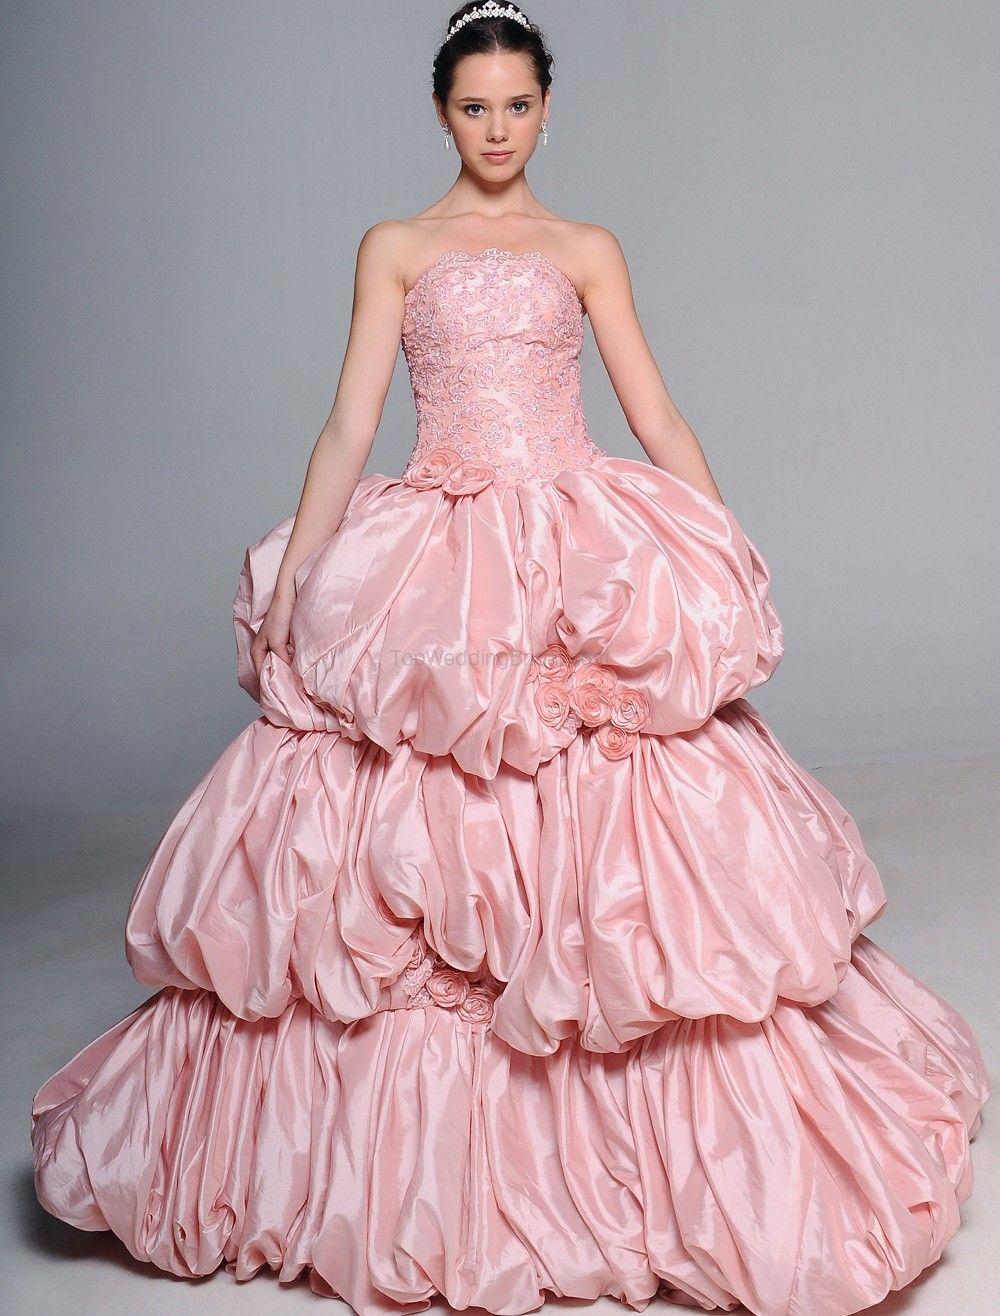 Romantic Pink Wedding Dresses | Encaje romántico, La raza y Viva la